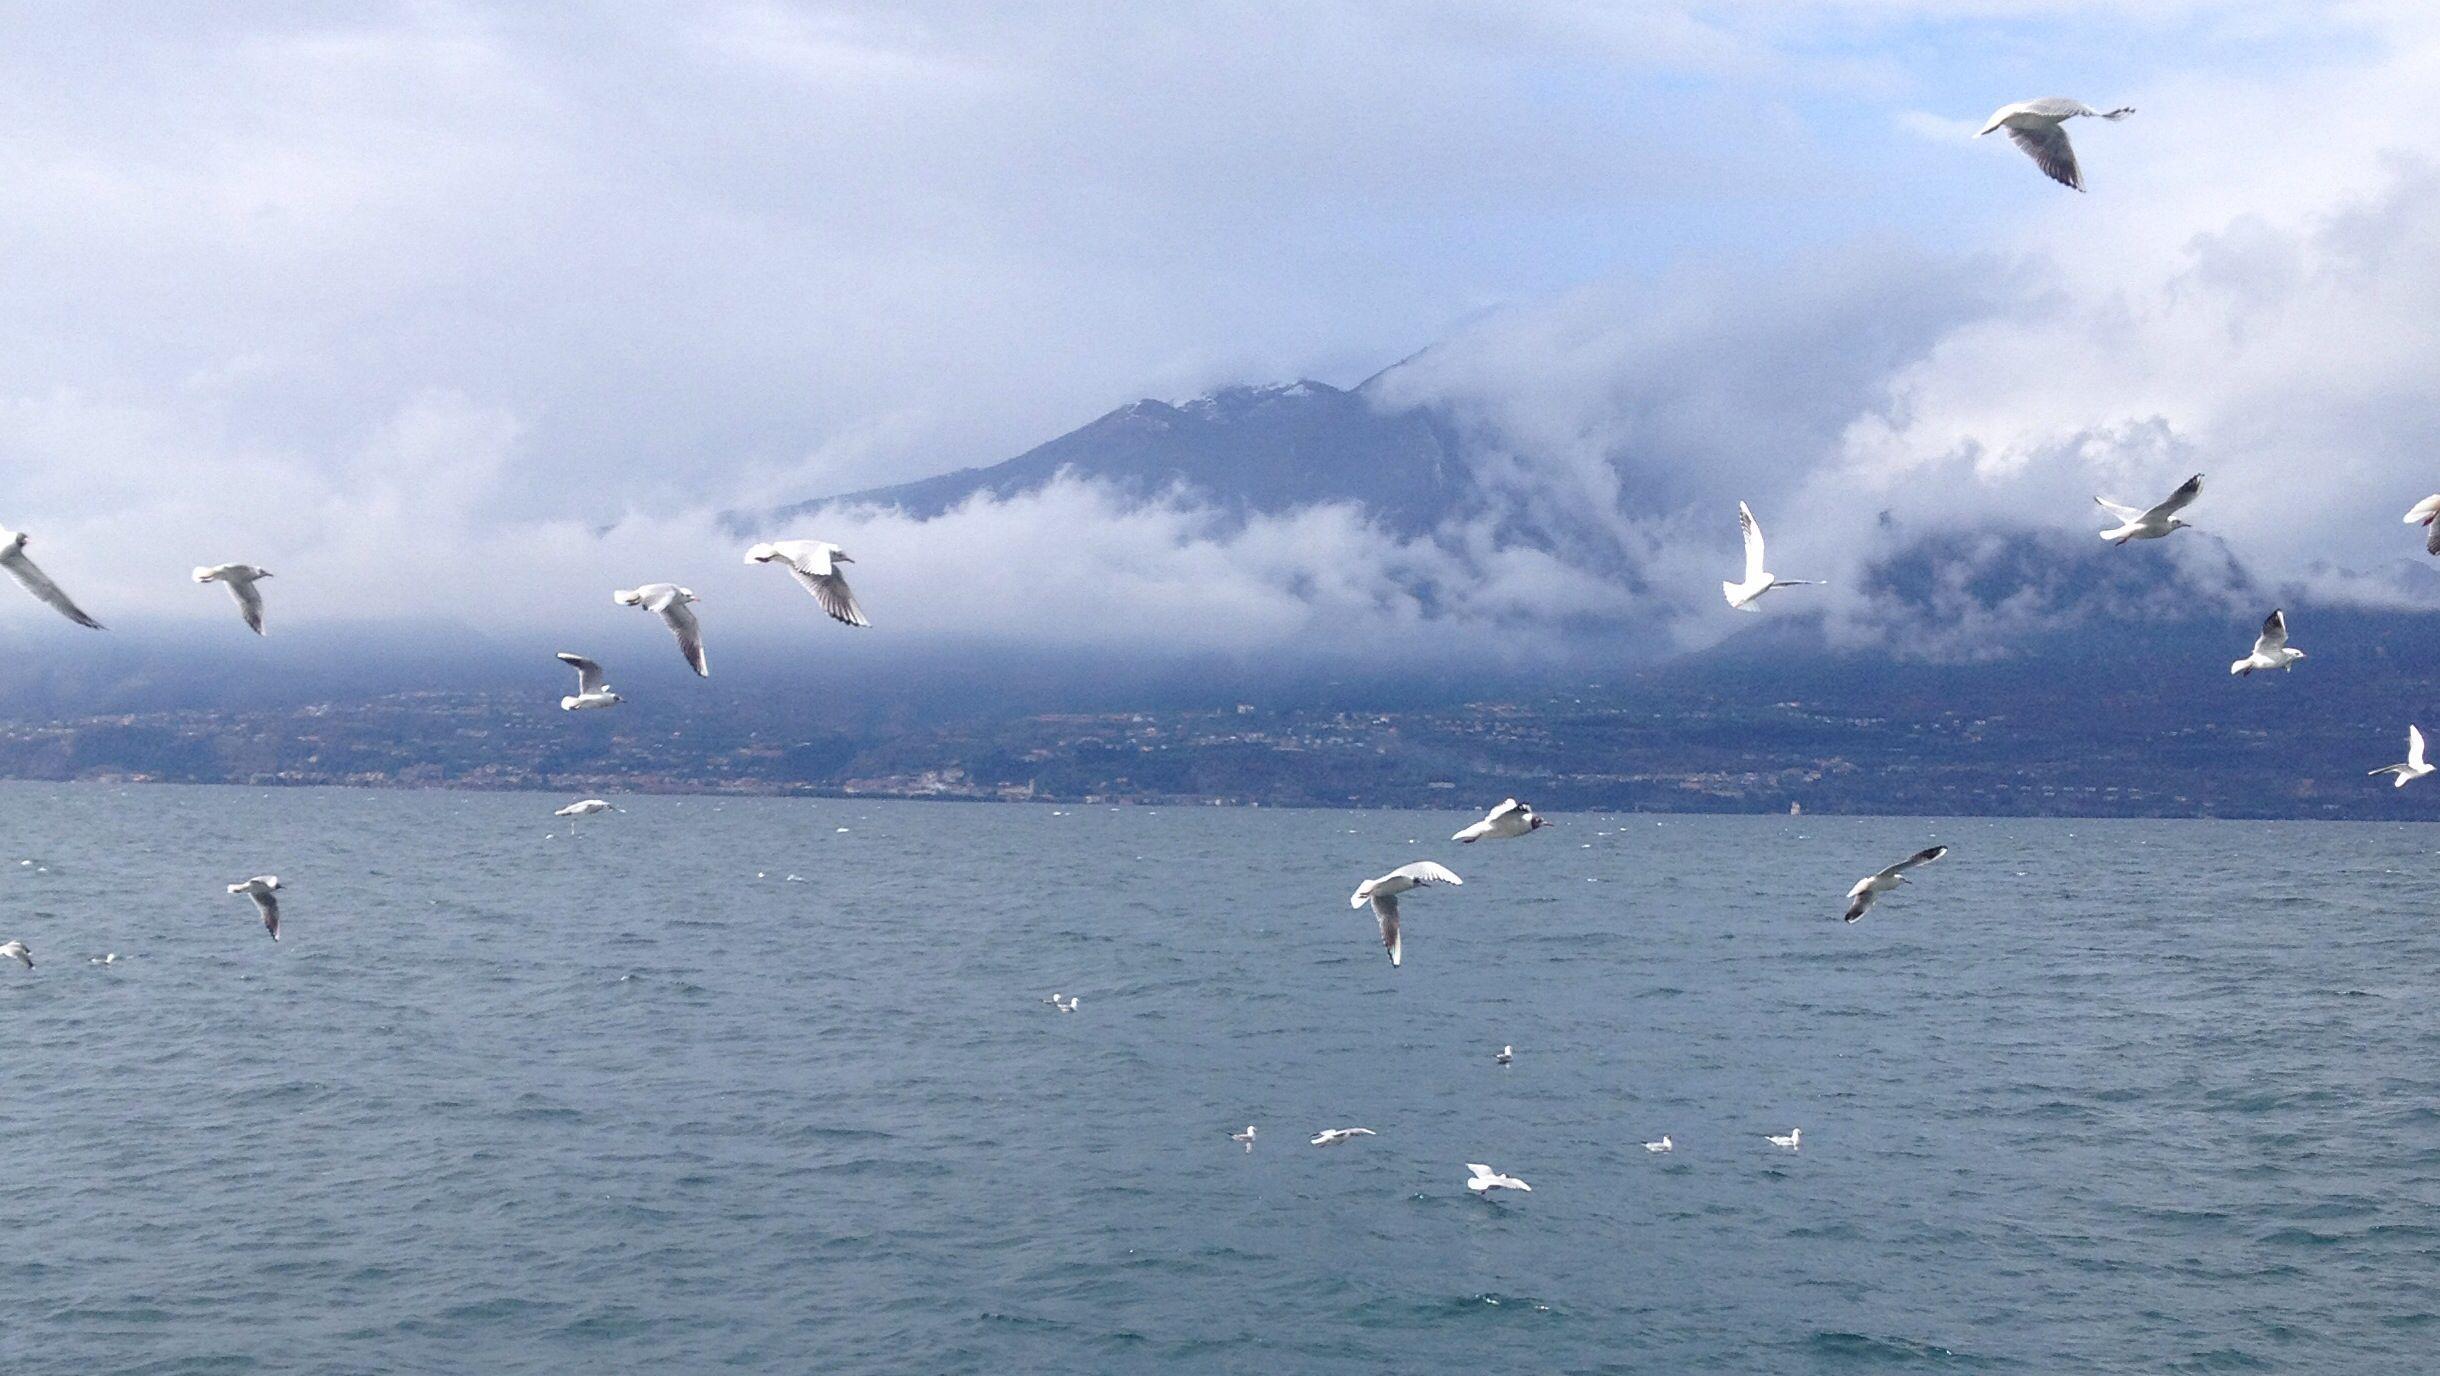 #lagodigarda #gardalake #torridelbenaco #fly cloudy day !